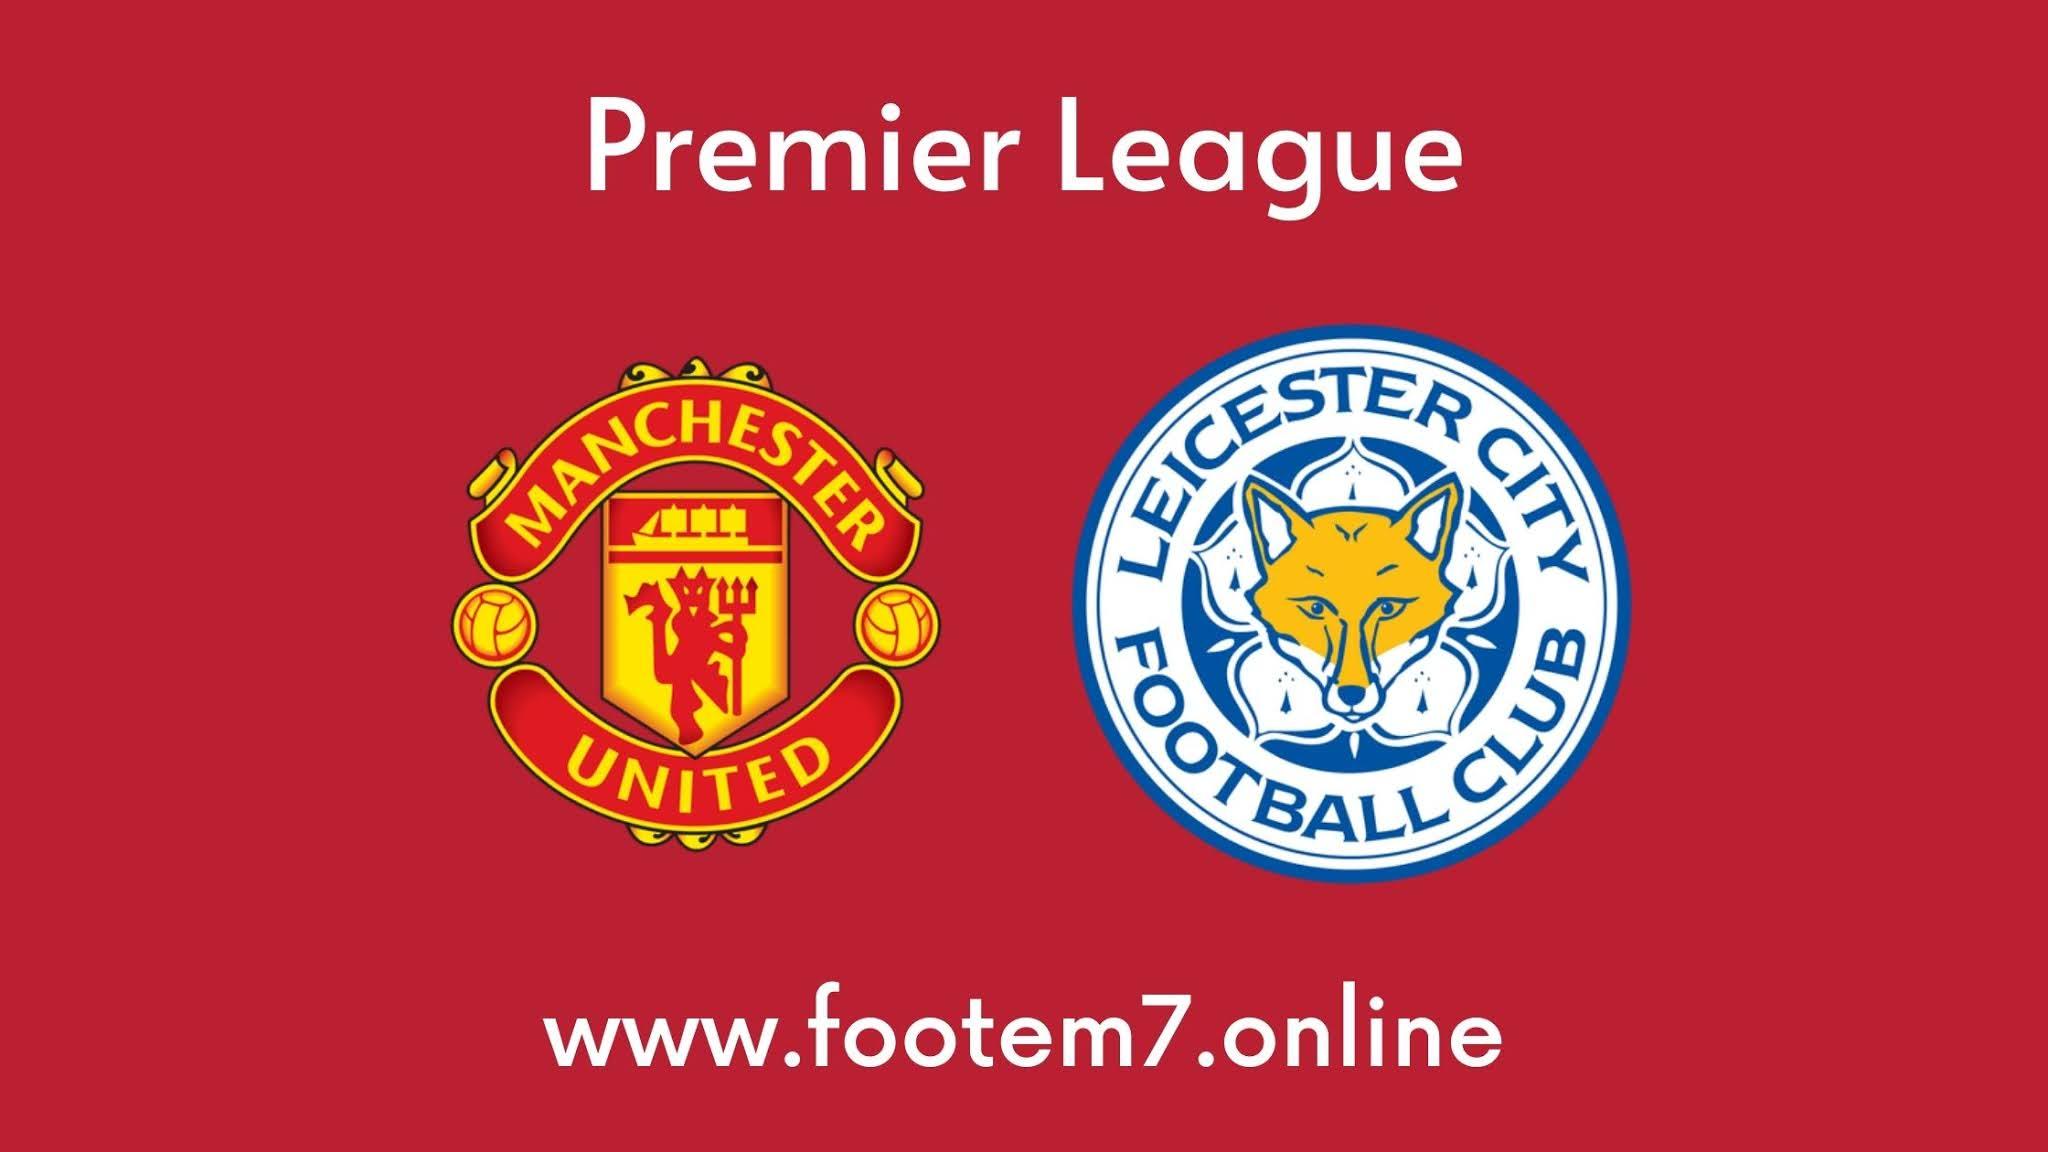 Man United vs Leicester City Premier League R36